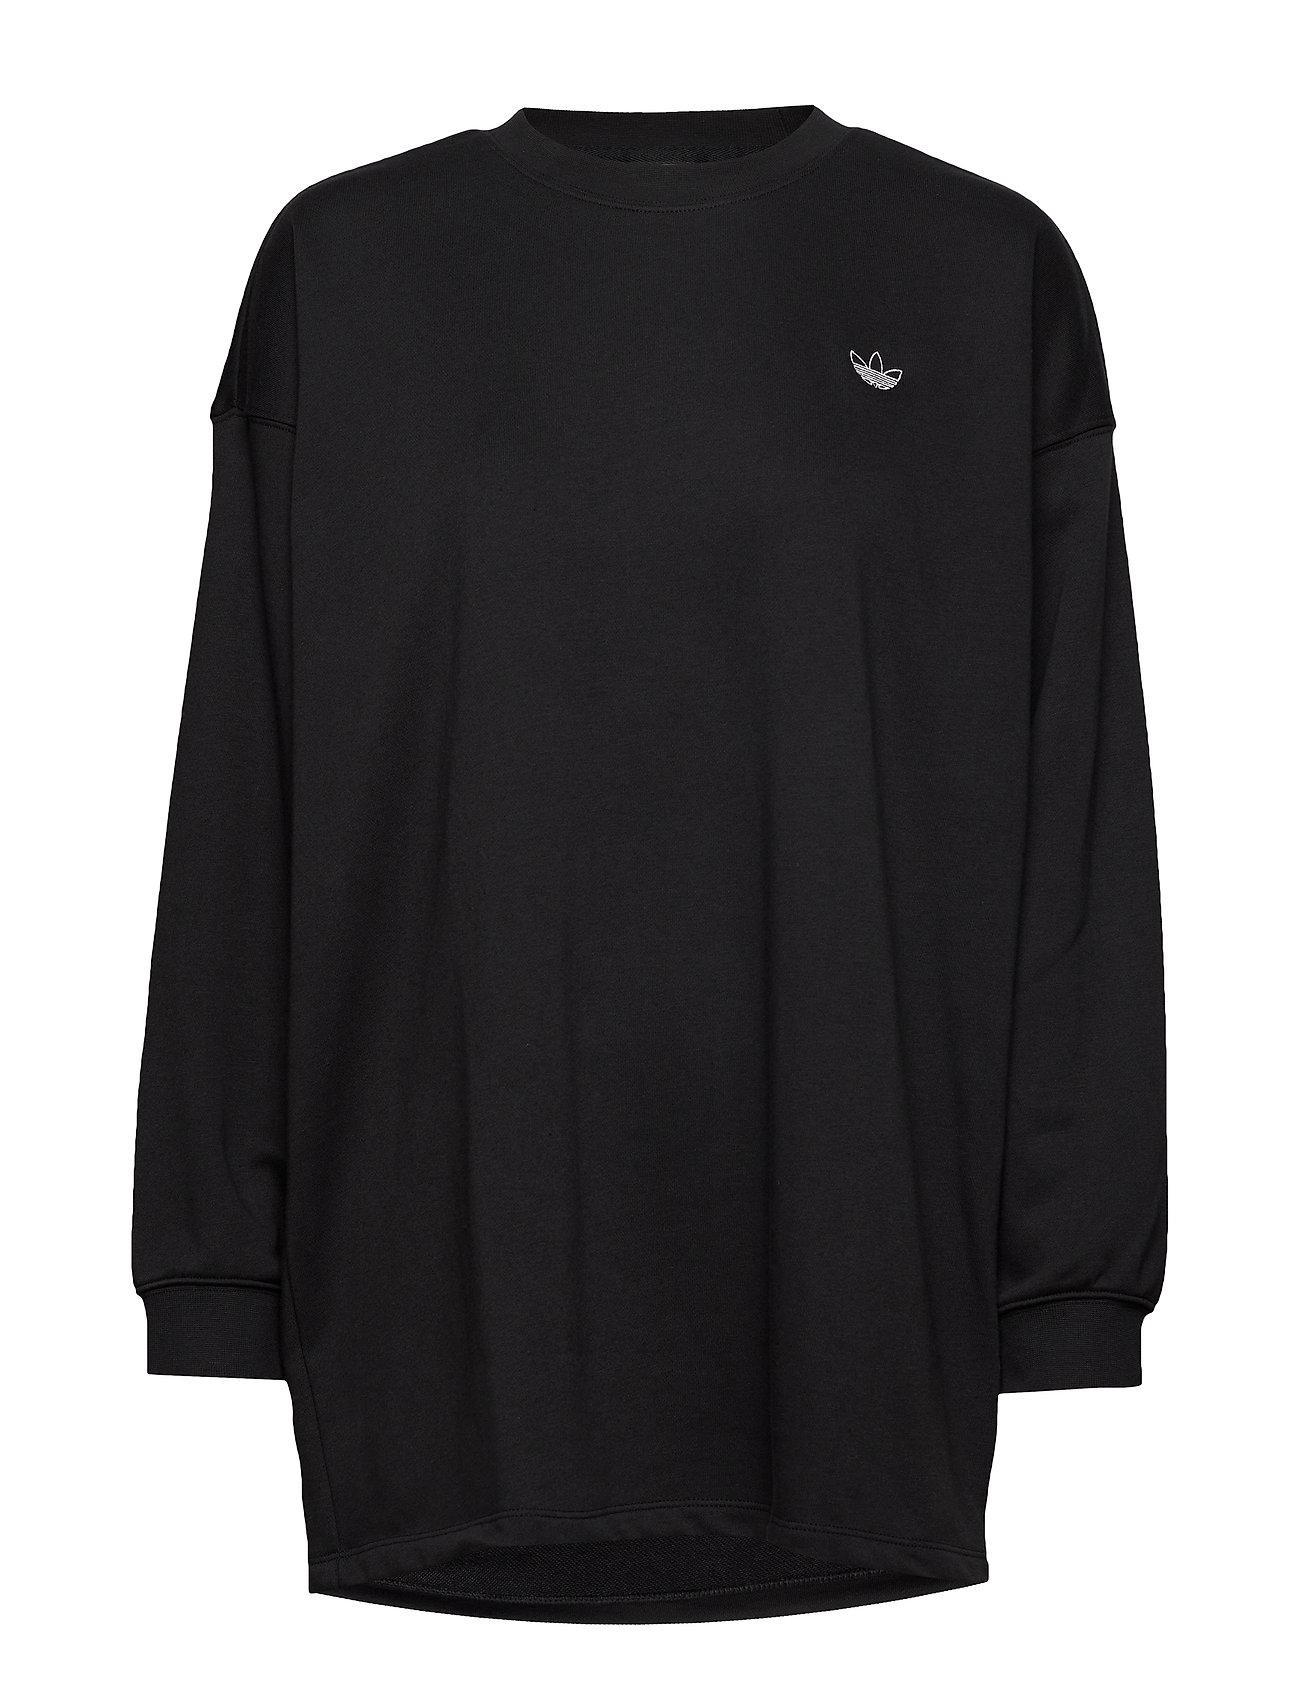 adidas Originals SWEATER - BLACK